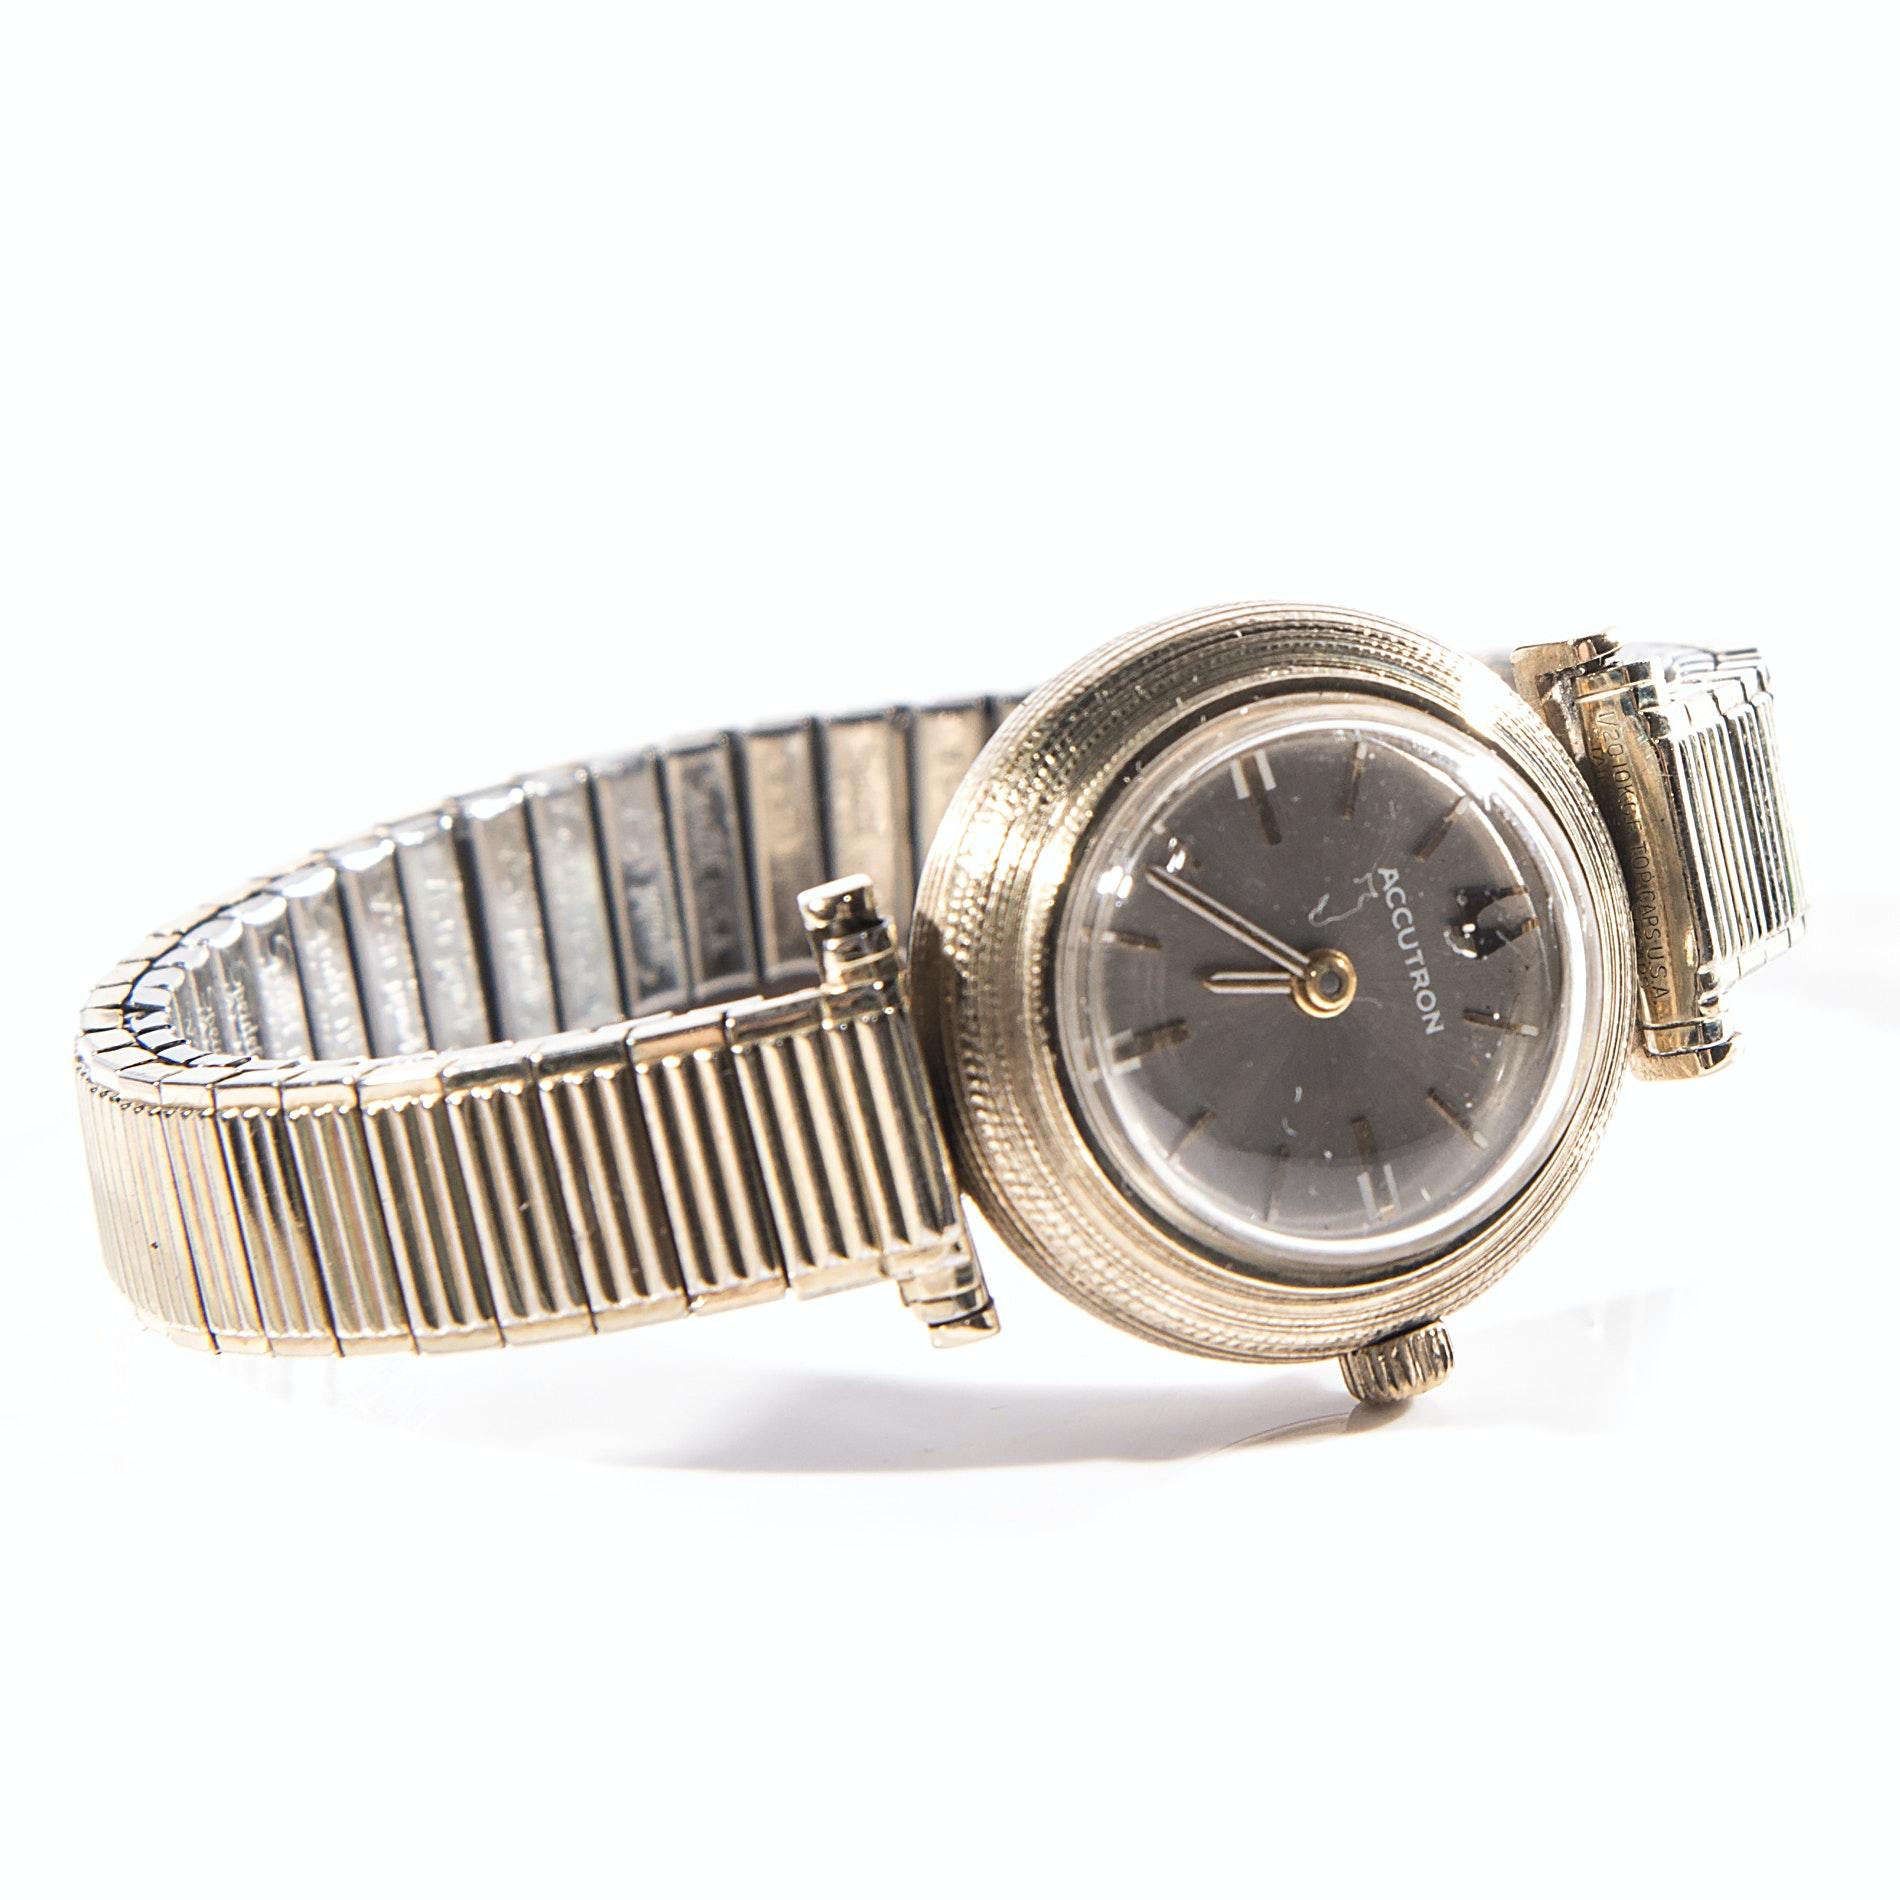 Vintage 14K Gold Bulova Accutron Wristwatch